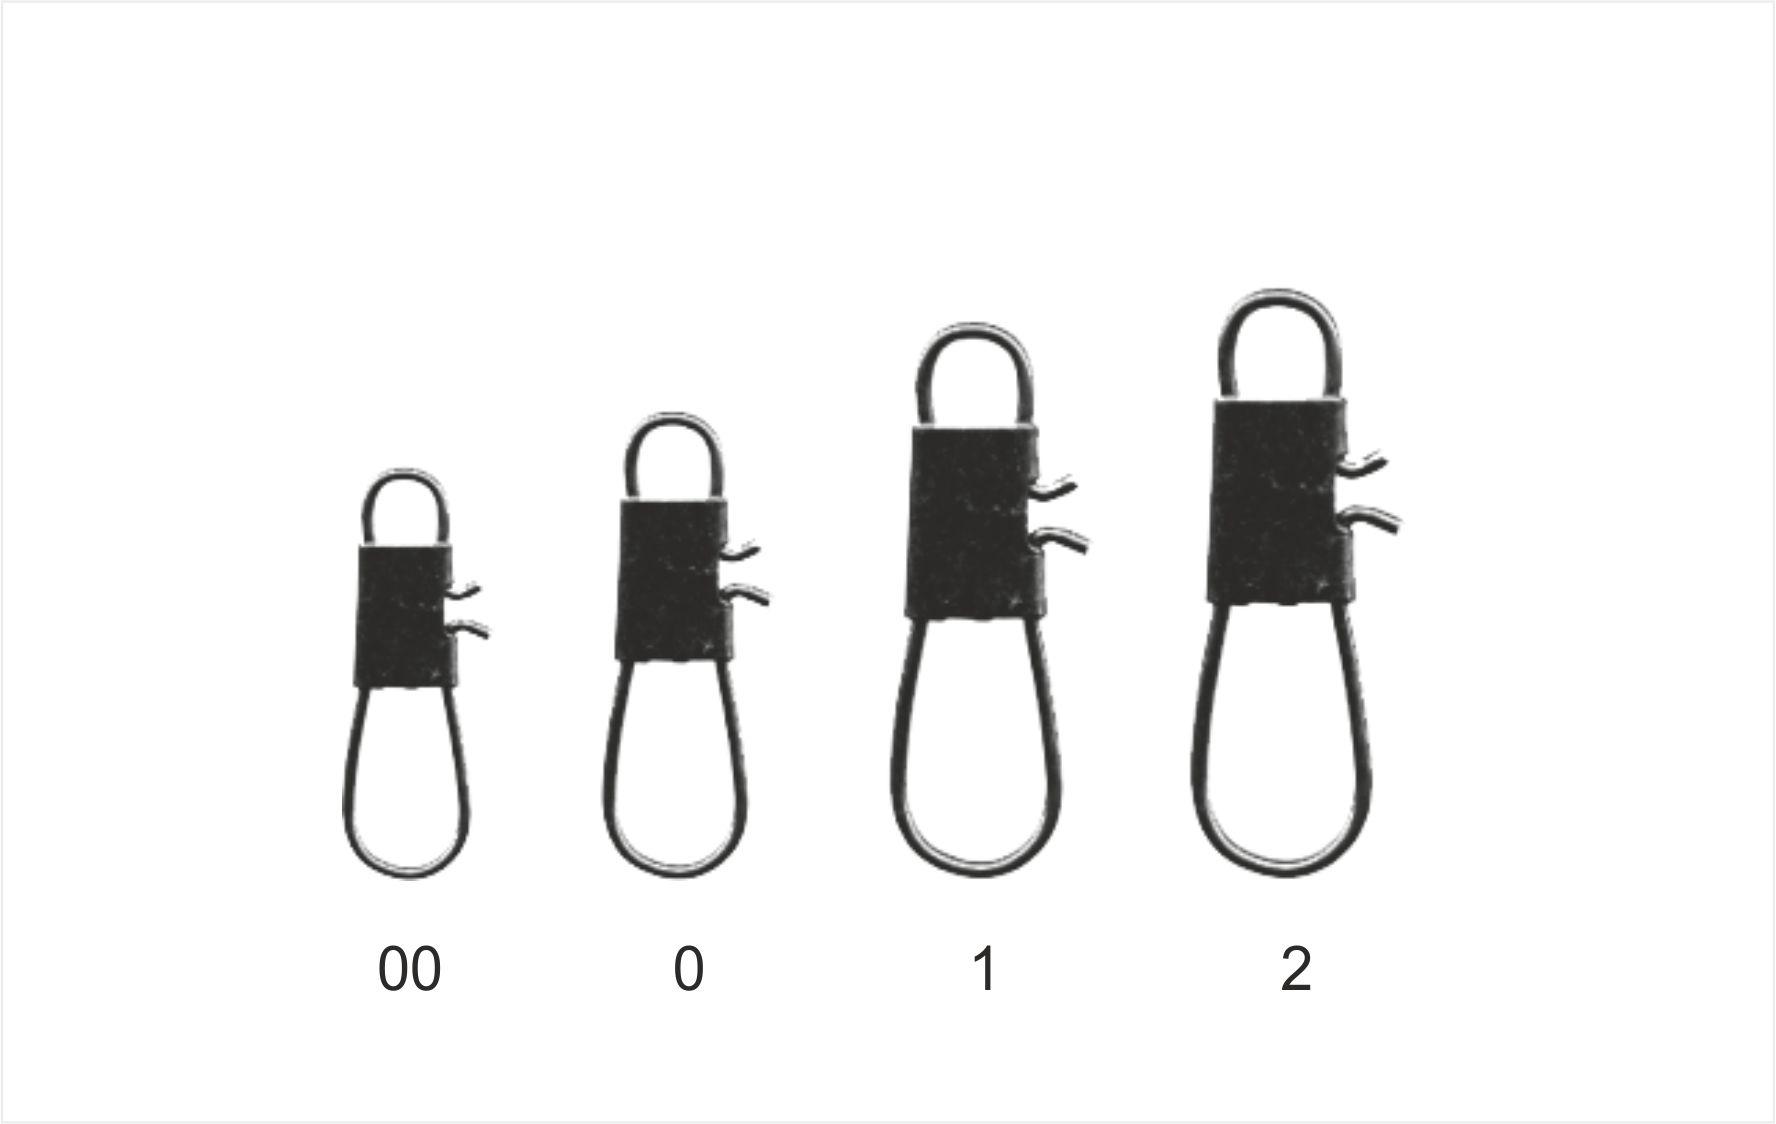 Mistrall karabinka vel. 2, 14 kg, 10ks/bal